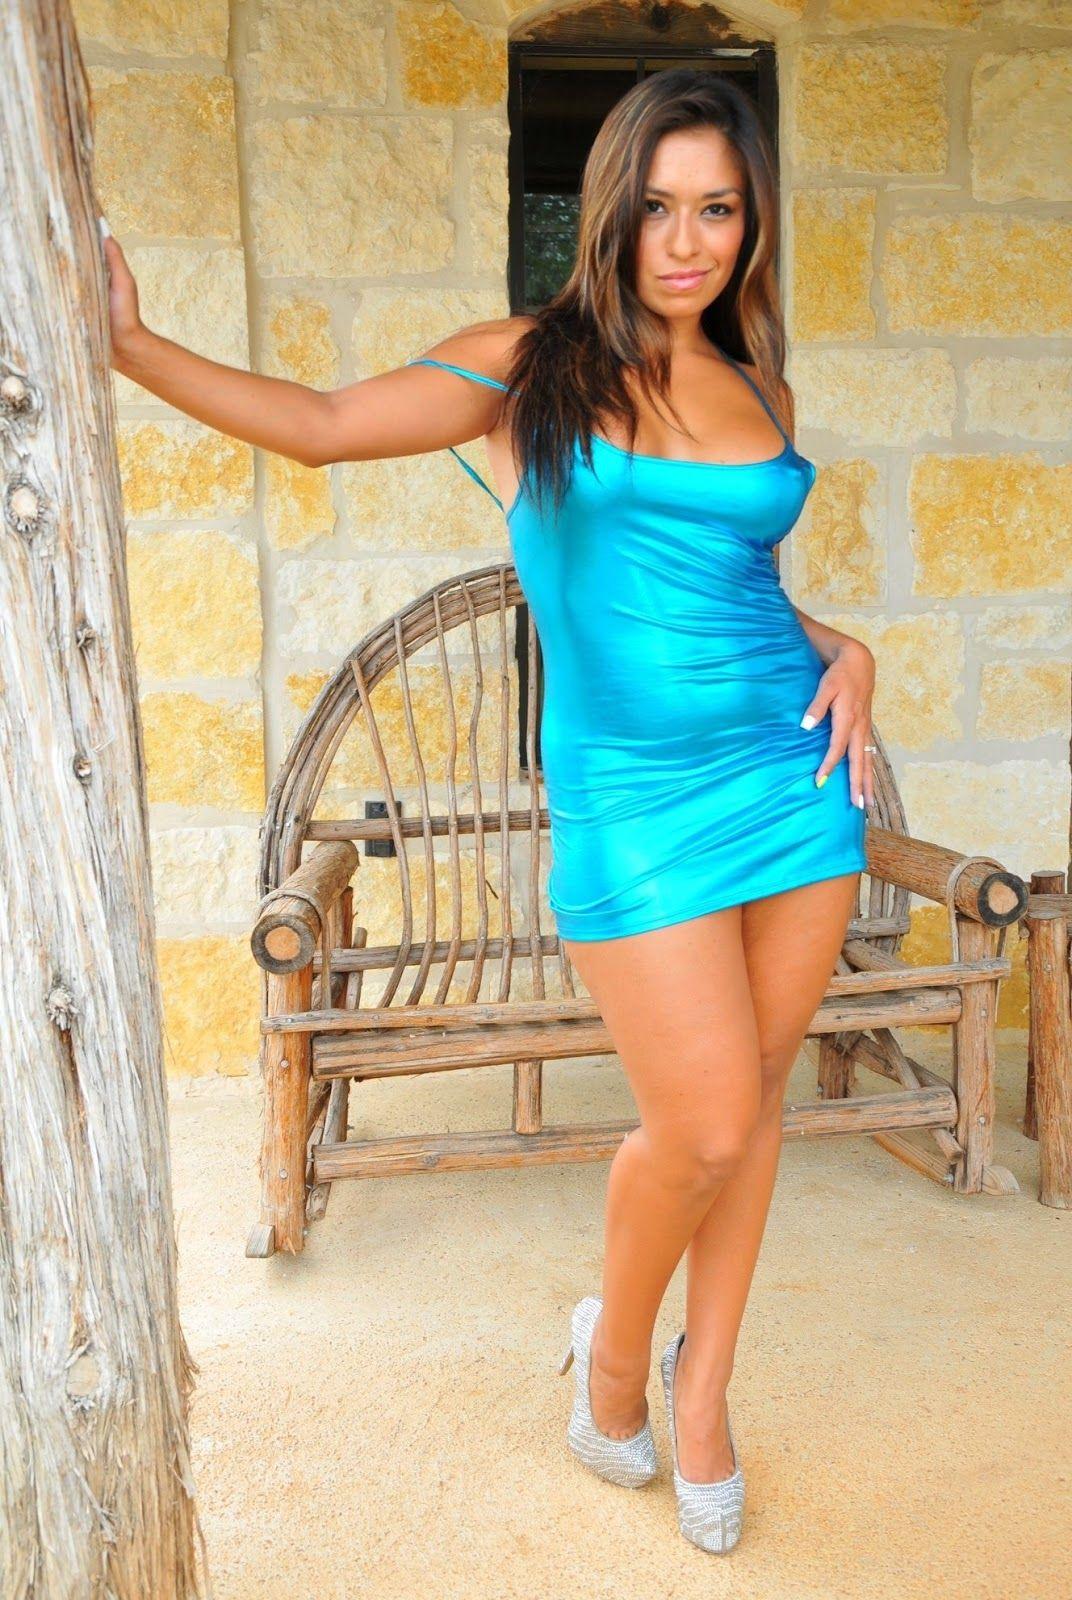 Amateur latina beauty